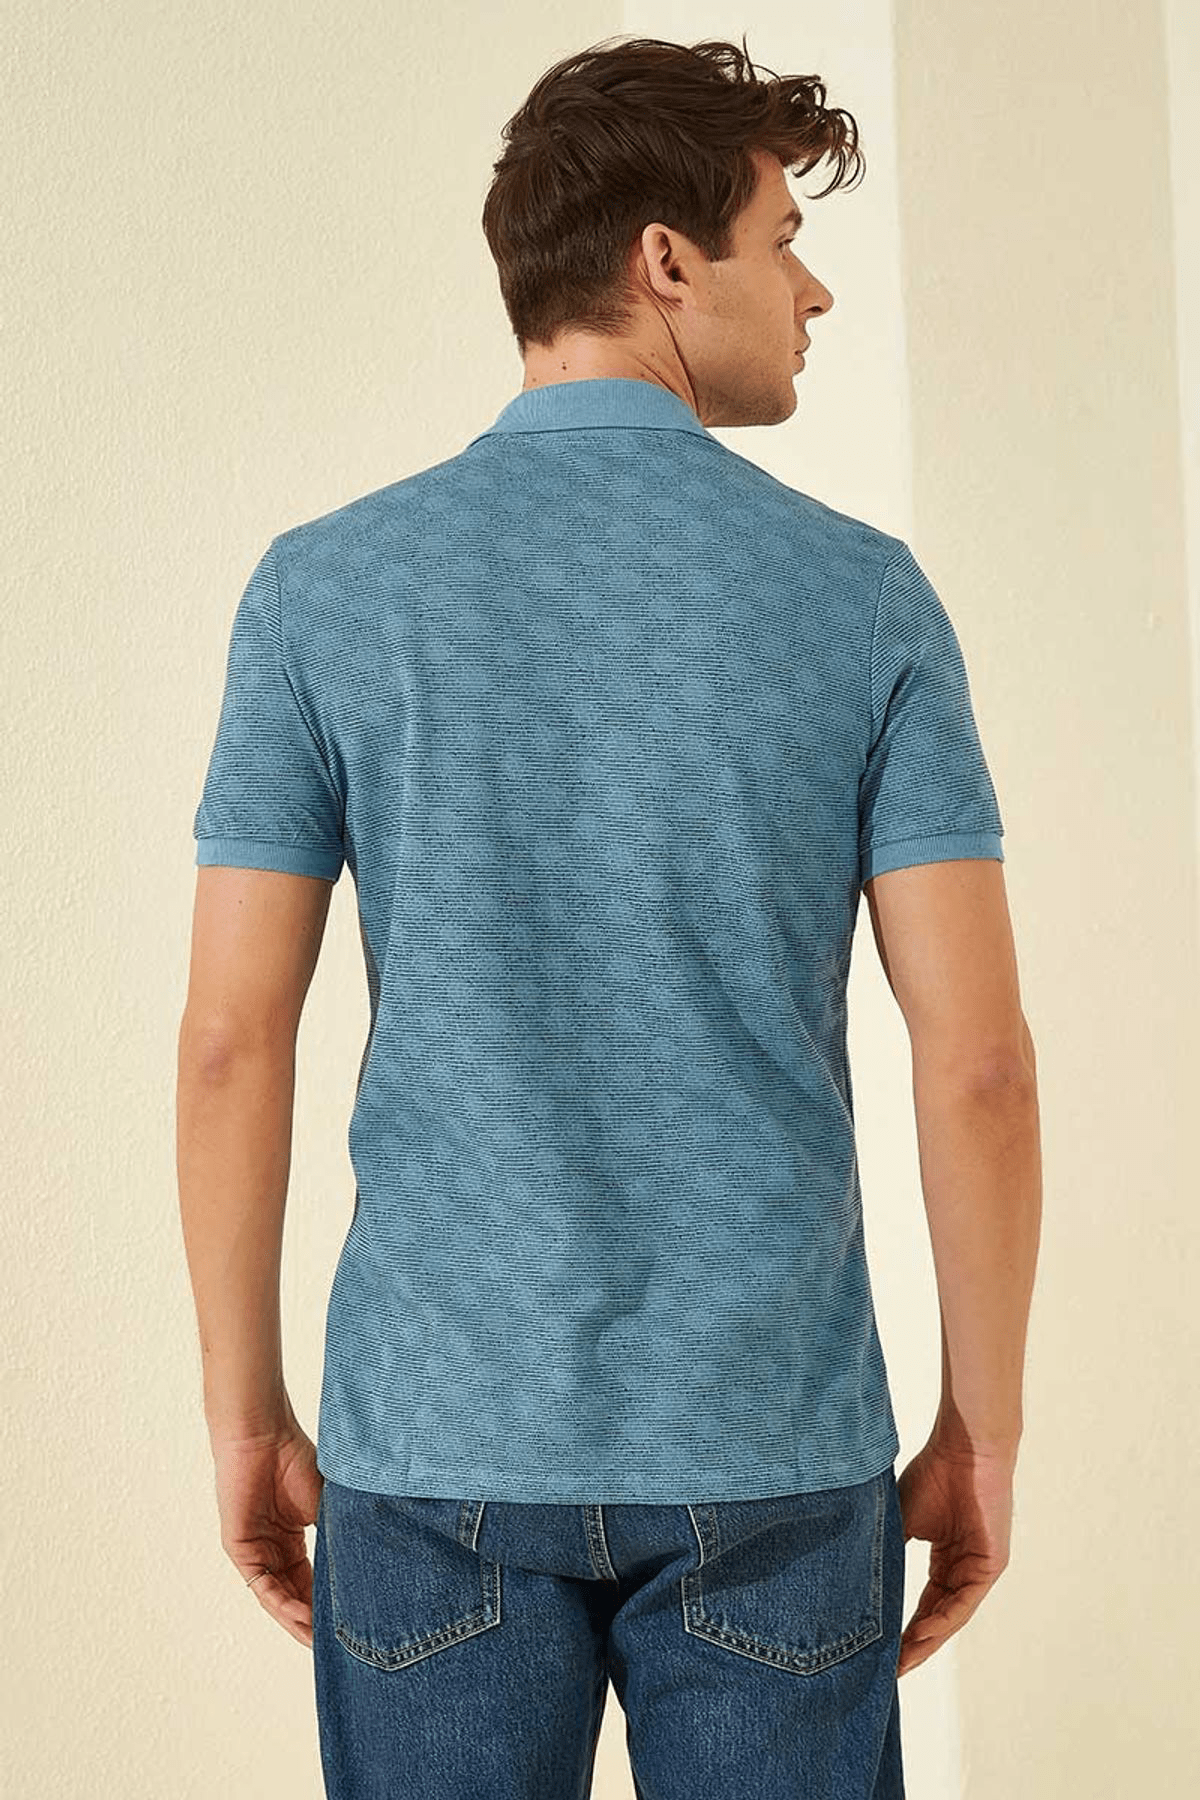 Tommy Life Baskılı Polo Yaka Kirli Mavi Erkek T-Shirt T08ER-87796_1 4